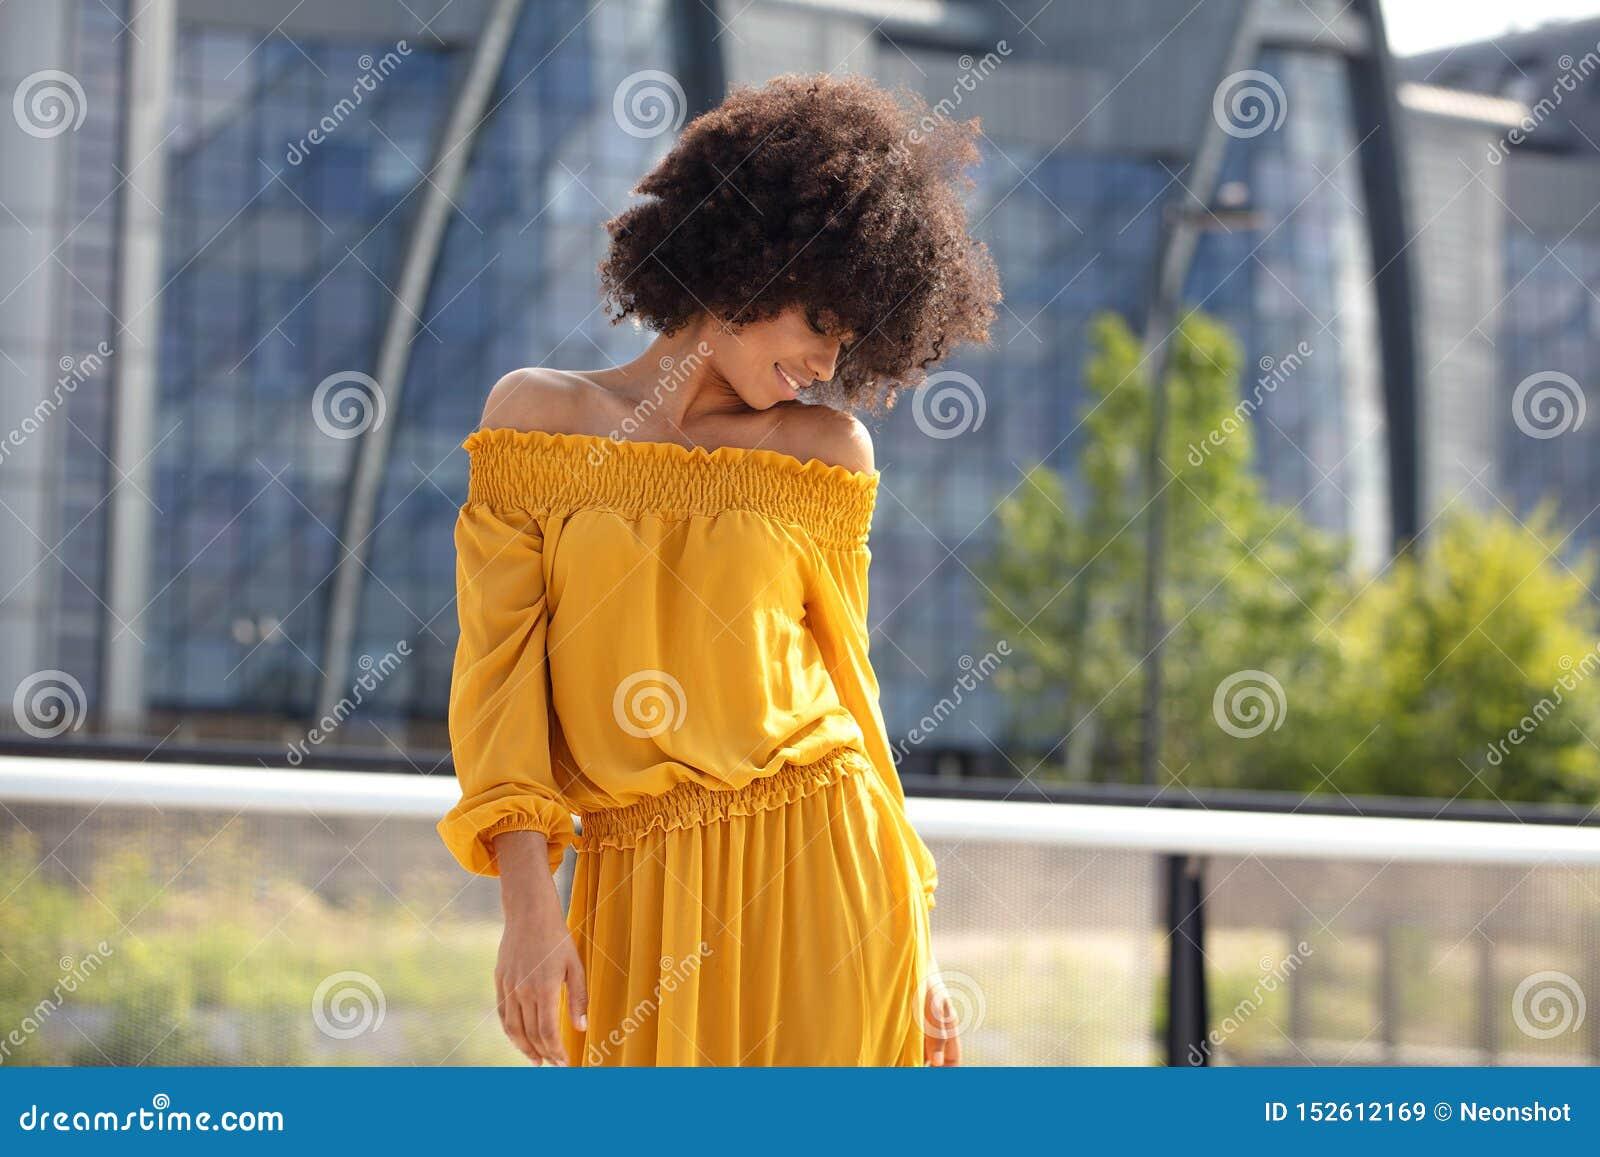 Porträt des Afromädchens in der Stadt